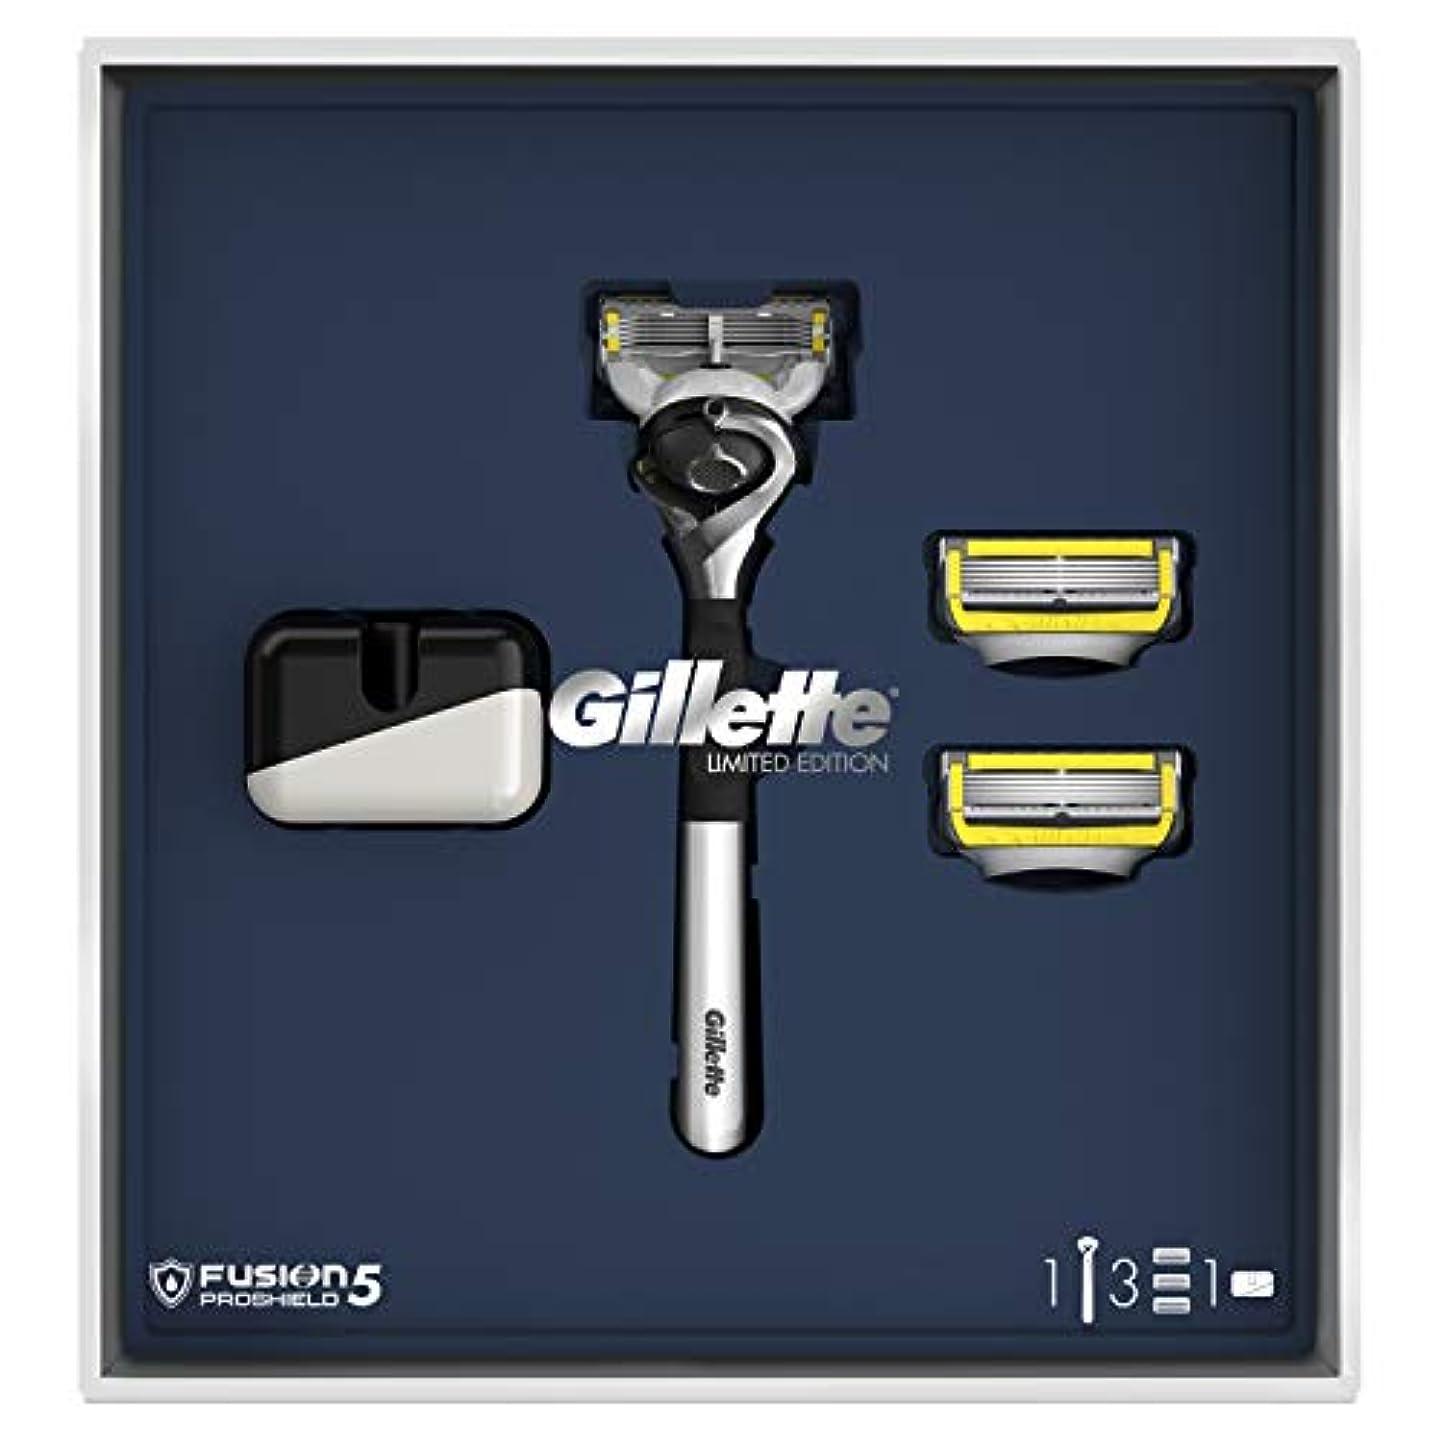 ピル自由変換するジレット プロシールド 髭剃り本体+替刃3個 オリジナルスタンド付 スペシャルパッケージ